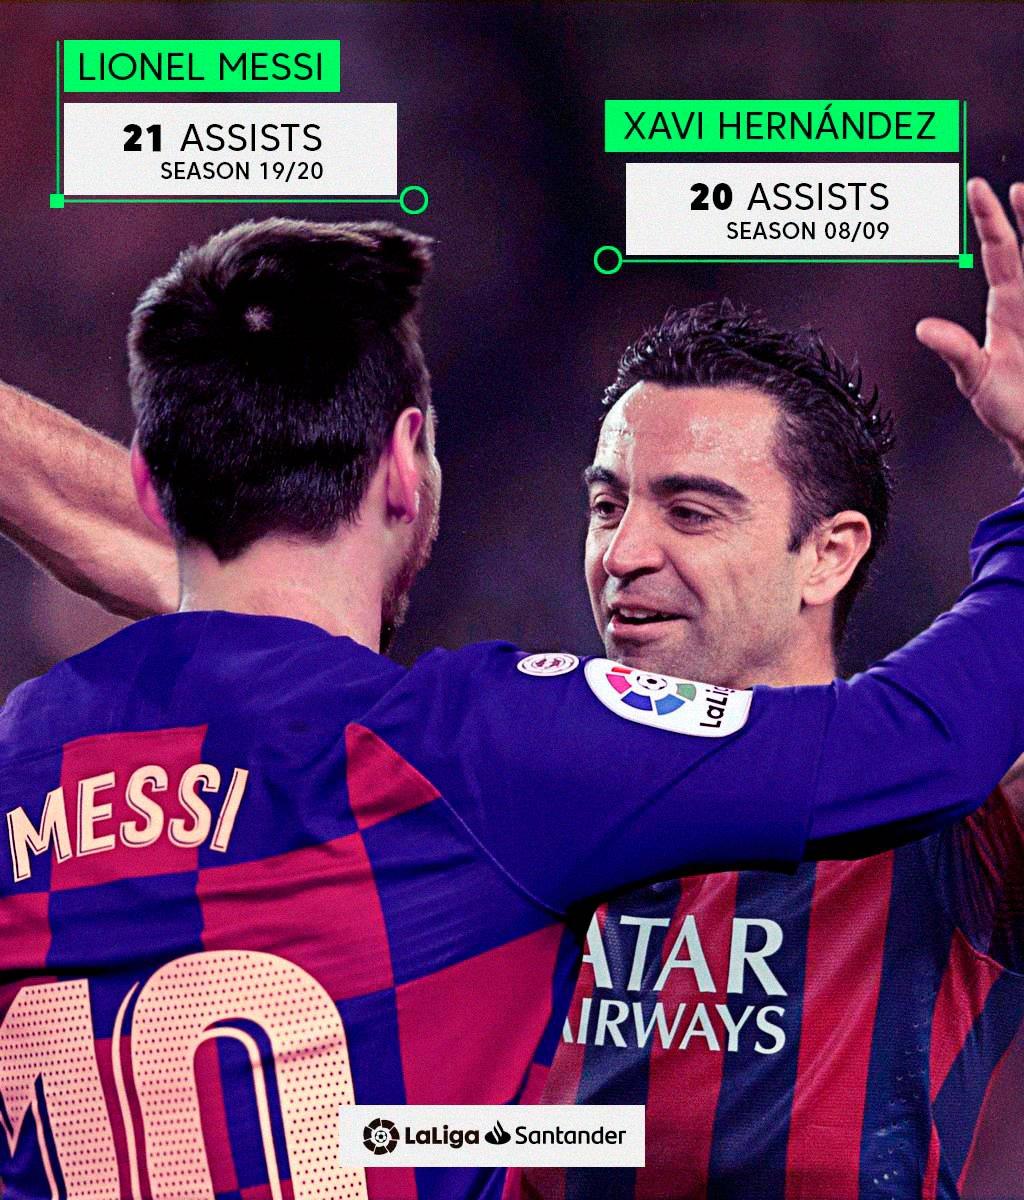 梅西21次助攻创造西甲历史记录,追平本赛季五大联赛记录